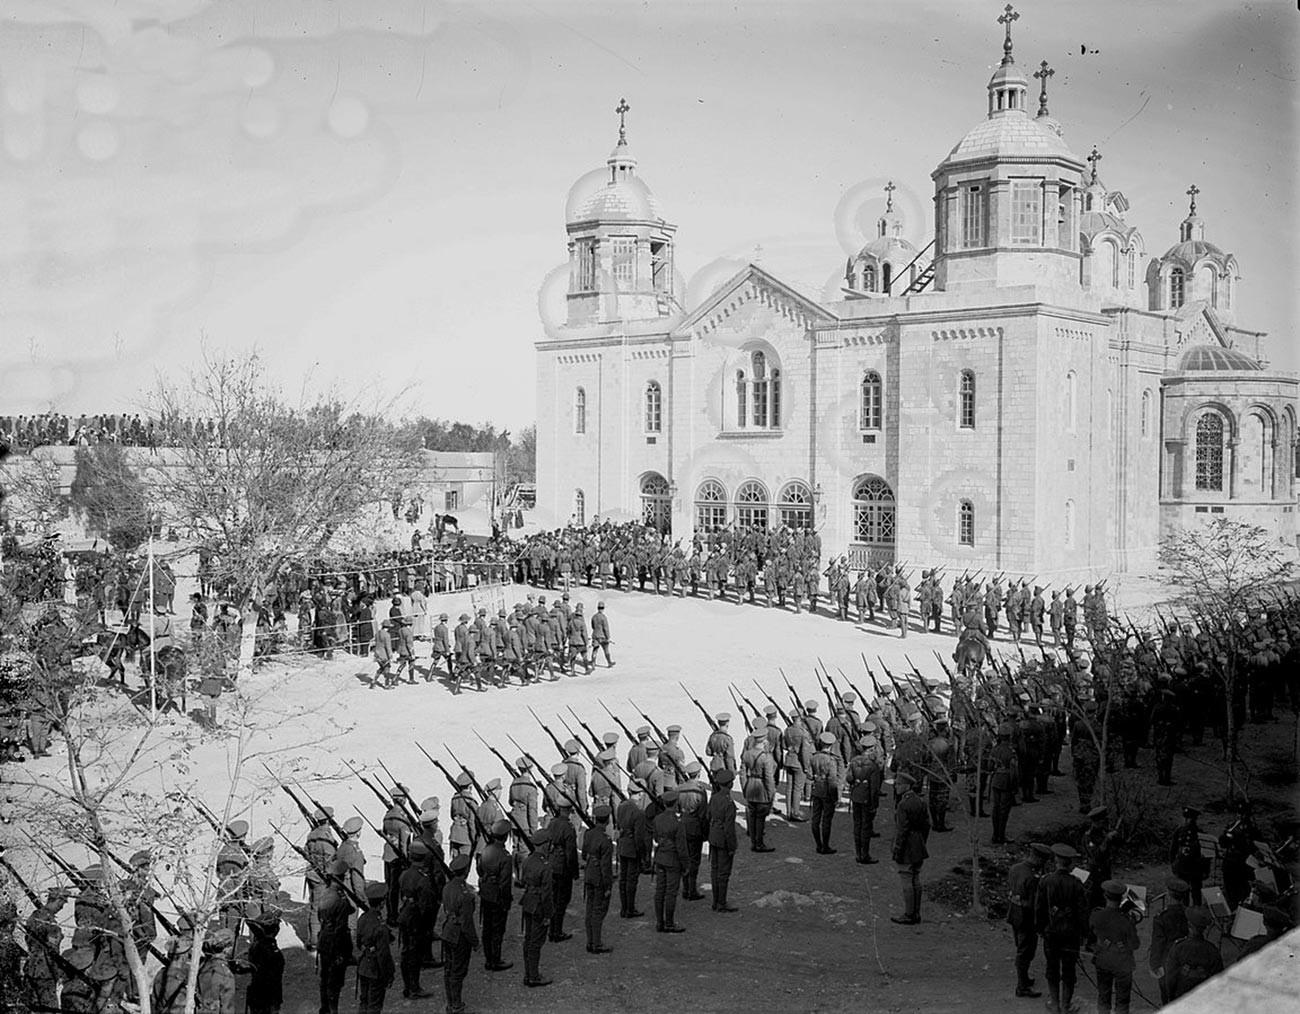 La marcia di Allenby nel Complesso Russo, 1917